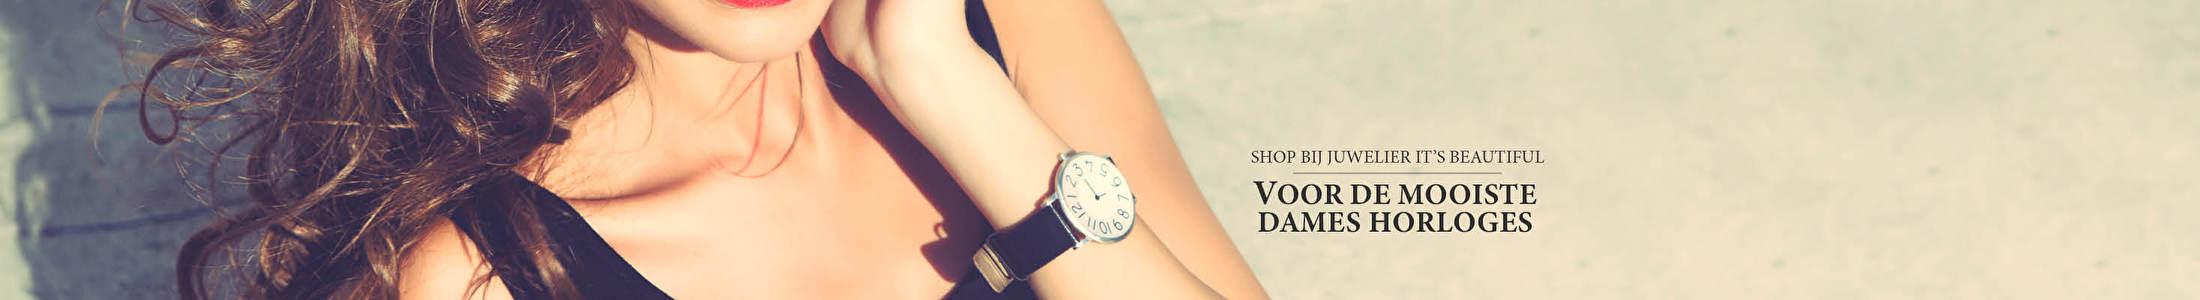 Shop bij juwelier It's Beautiful voor de mooiste dames horloges